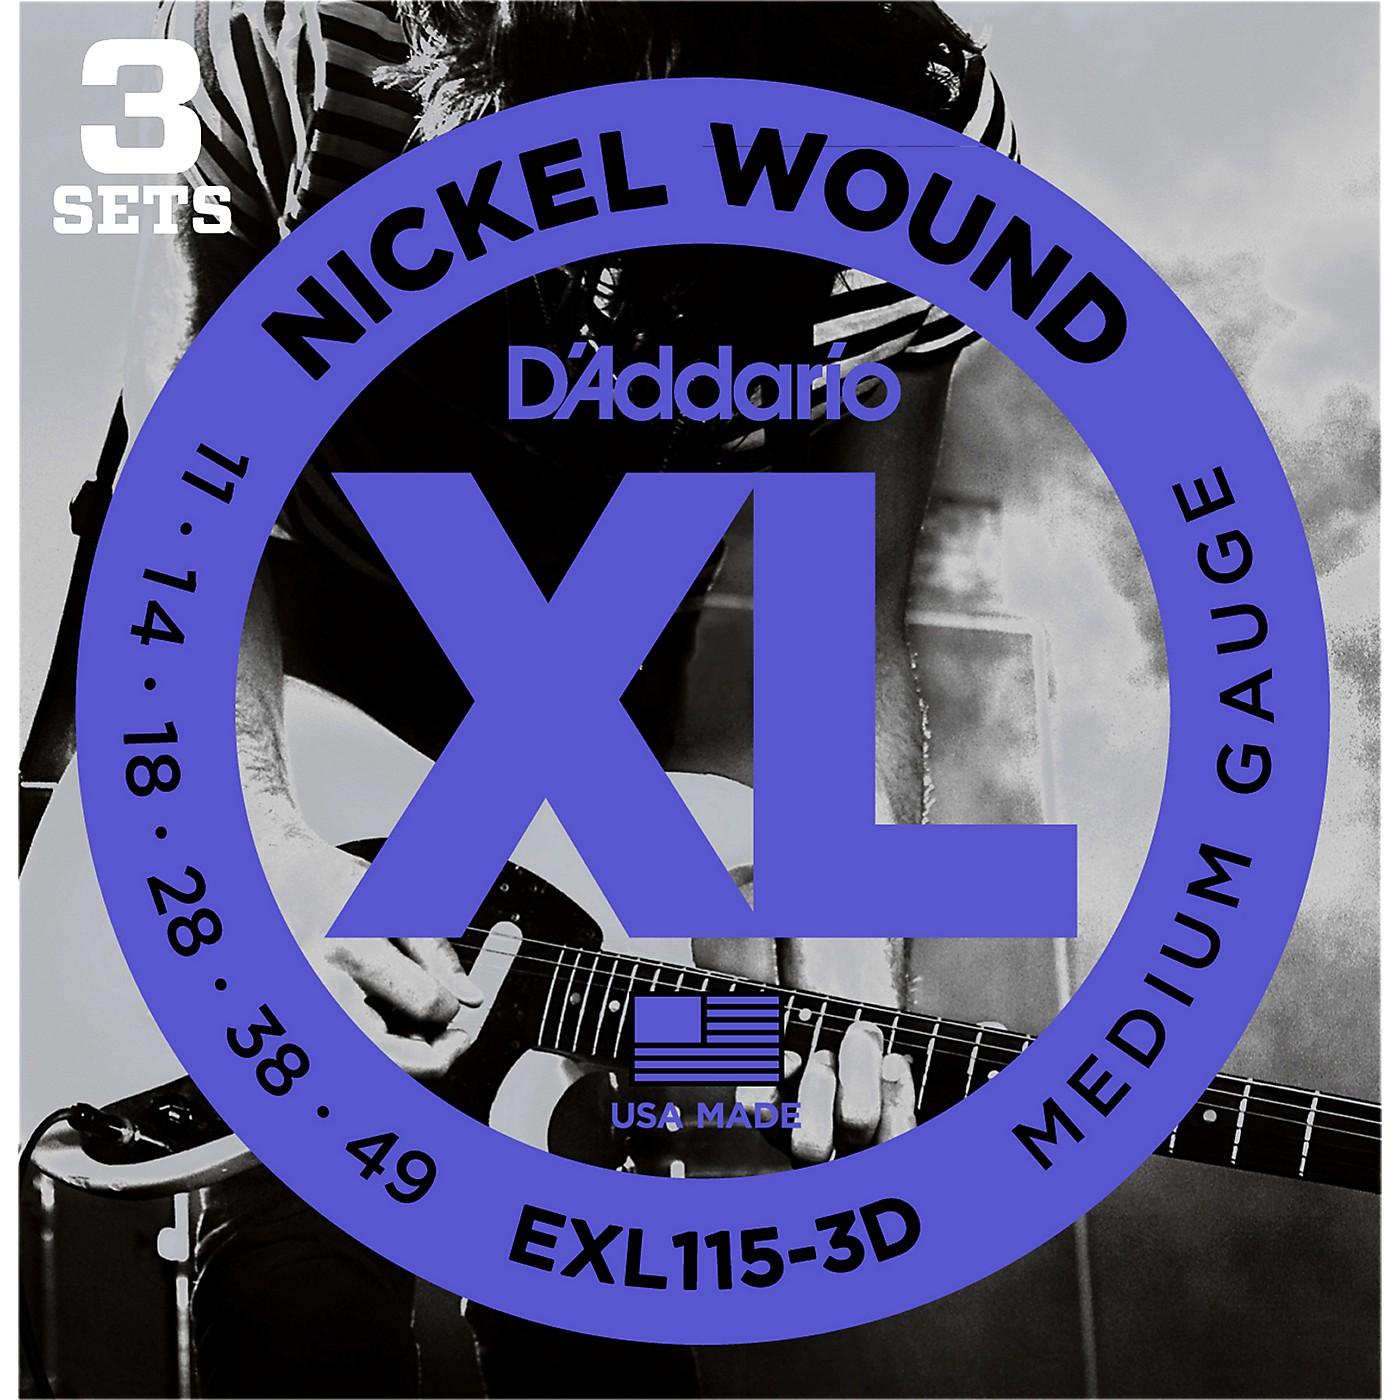 D'Addario EXL115 Medium Gauge Guitar Strings 3-Pack thumbnail